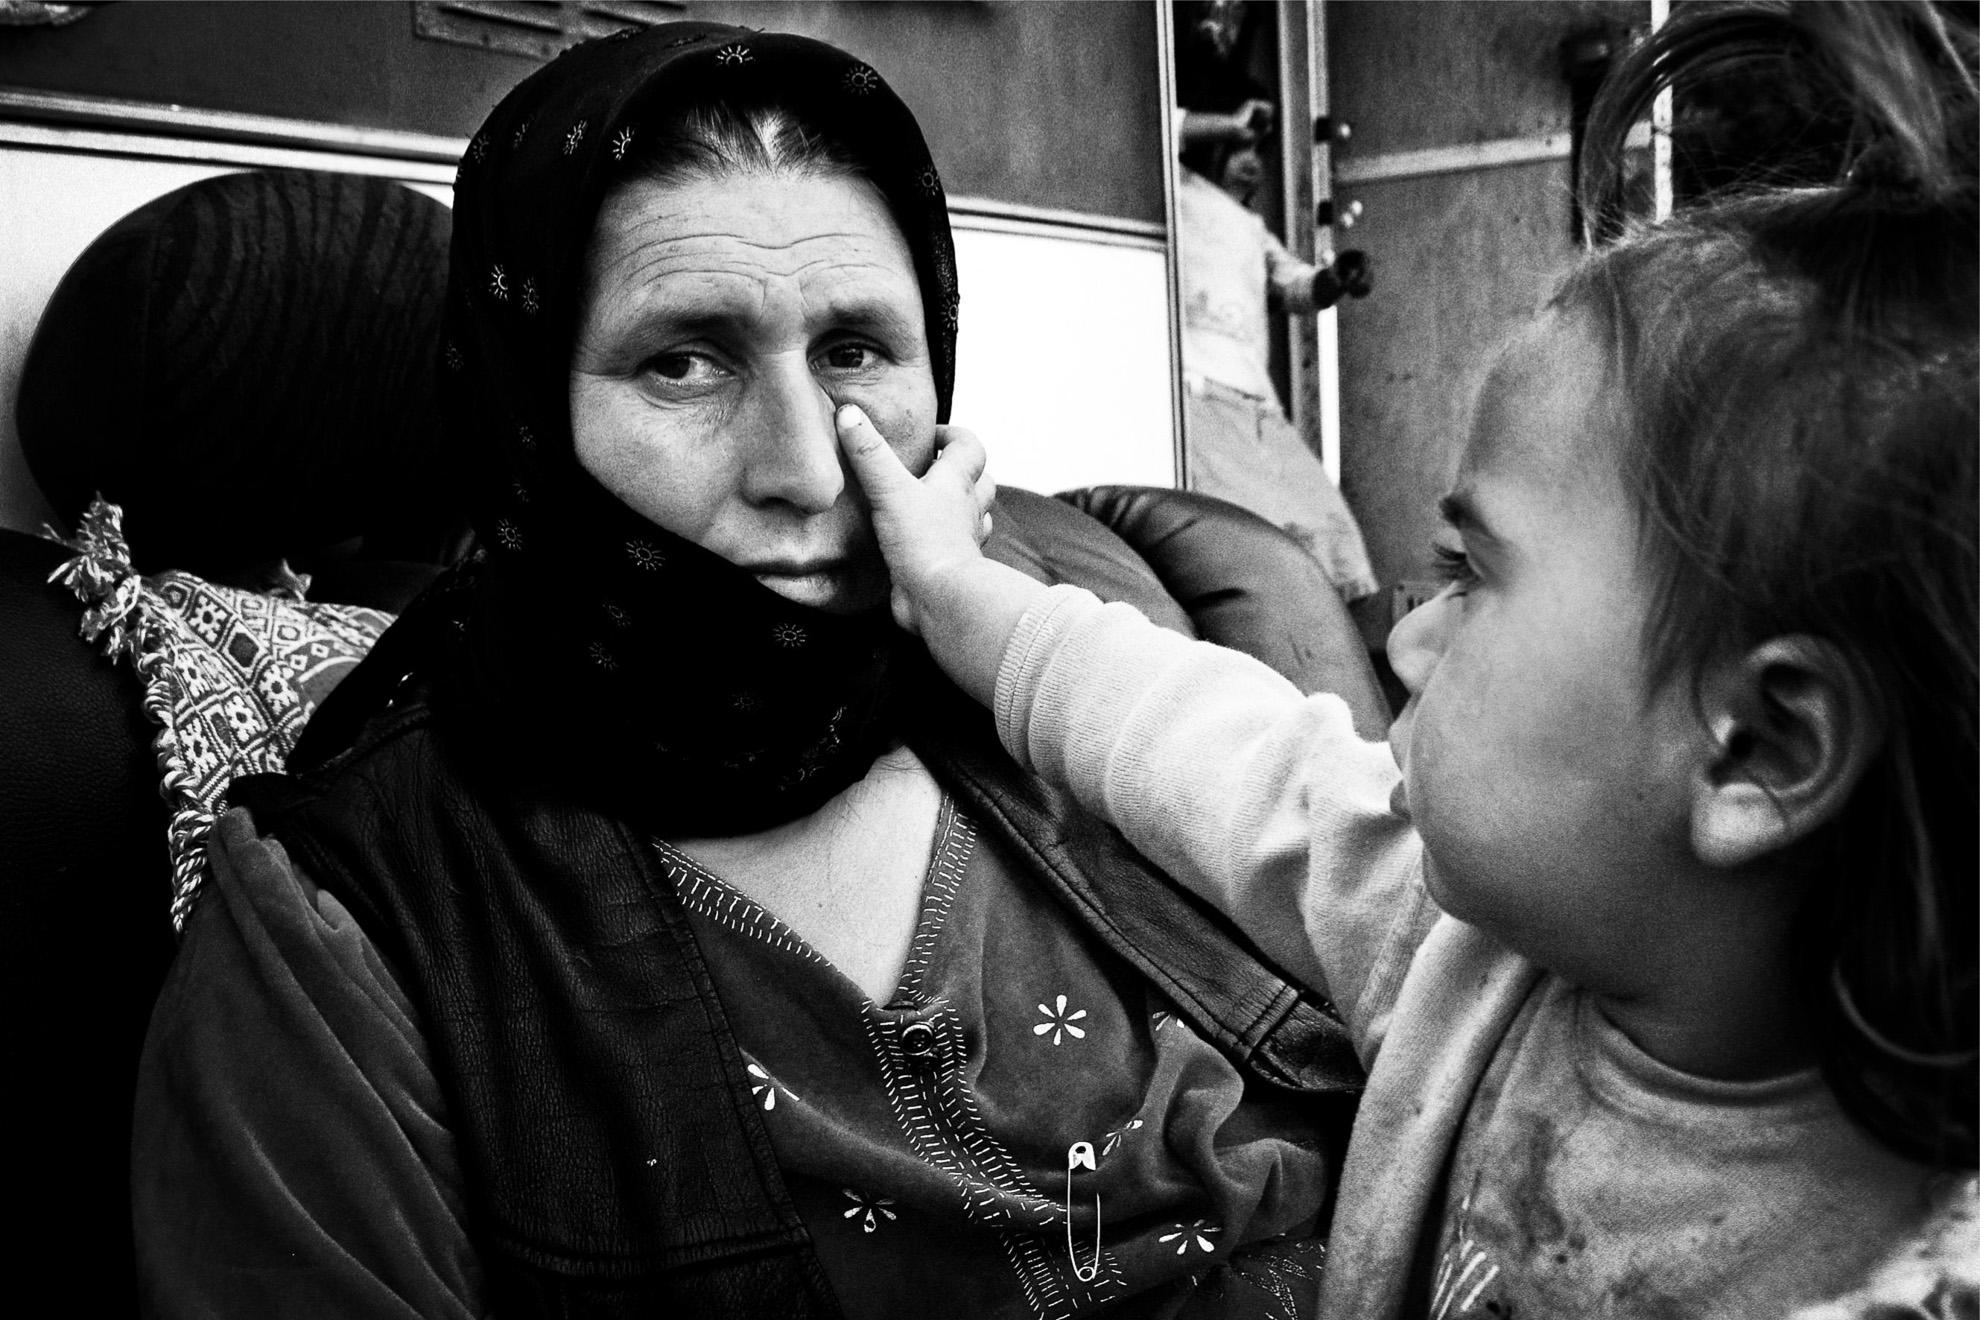 Irina, a la espera de partir a Rumania con su familia. Tras recibir la orden de expulsión, la tensión del momento ha generado una violenta trifulca con su consorte en la que Irina ha sufrido varias agresiones.